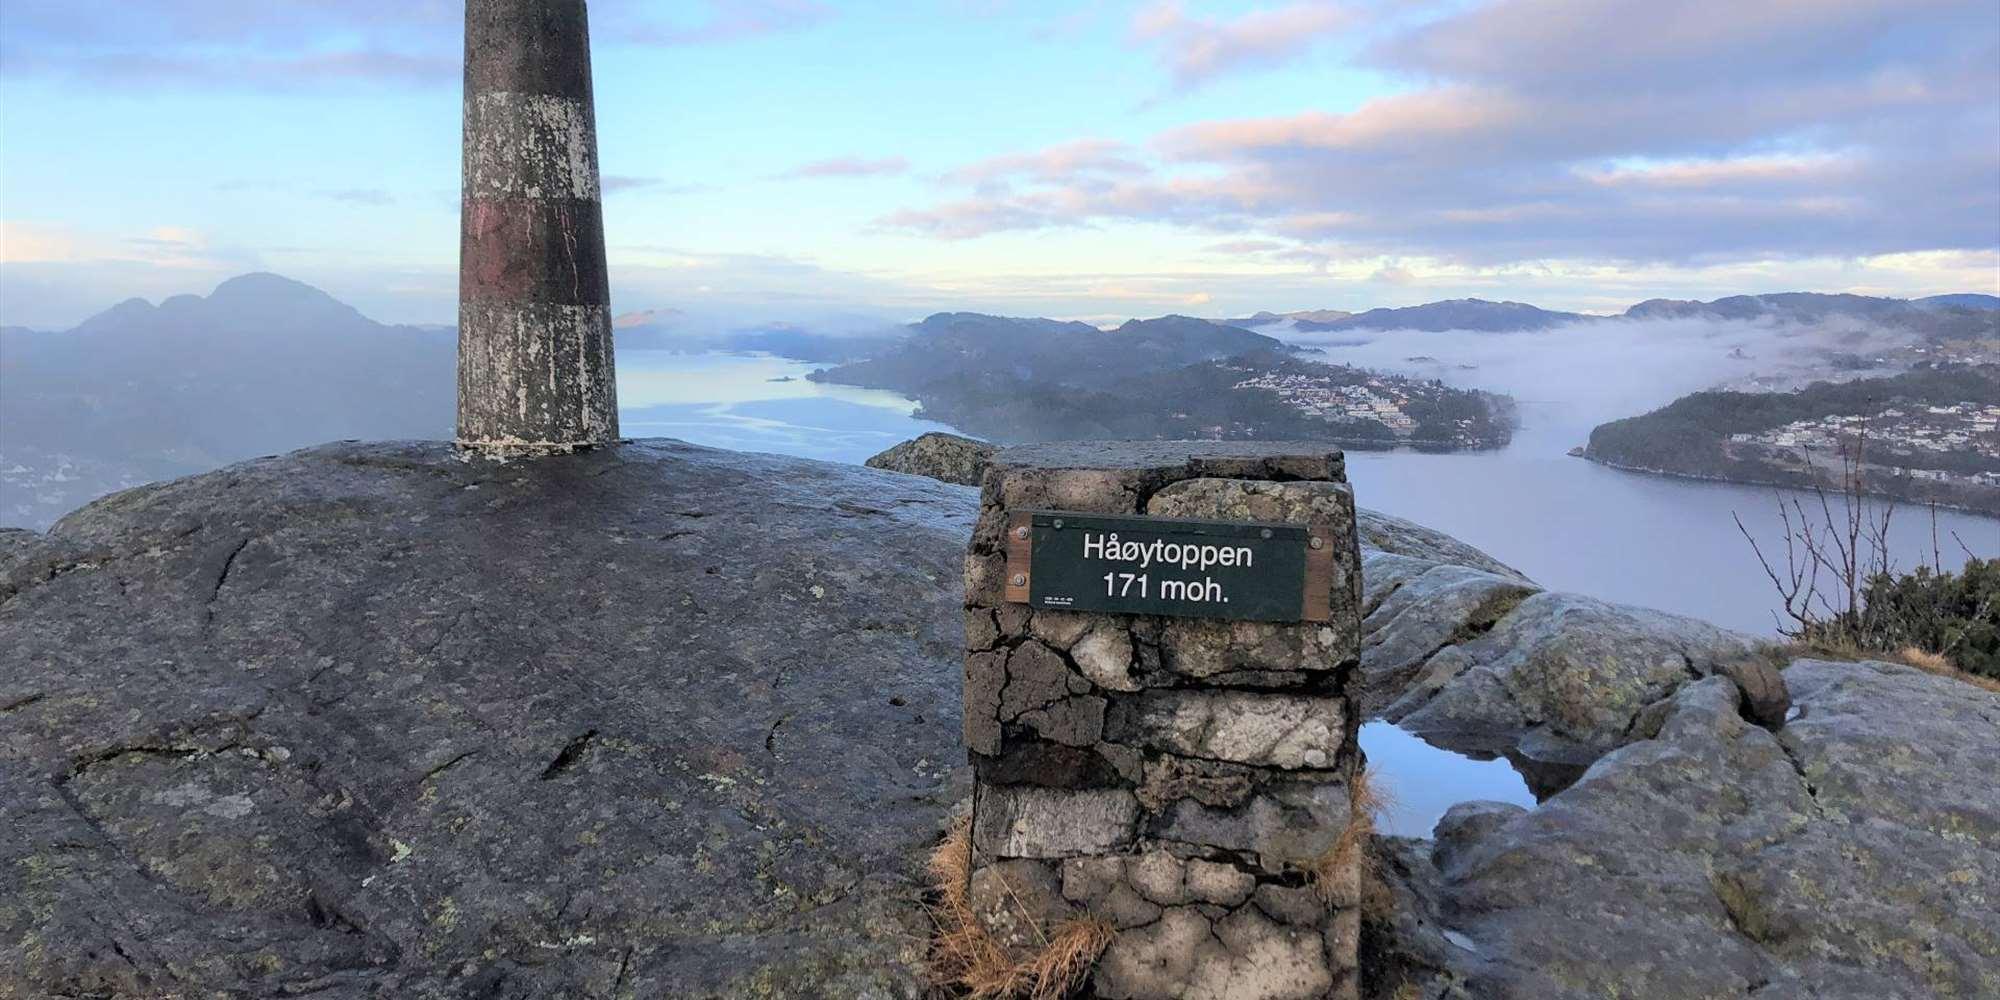 View from Håøytoppen